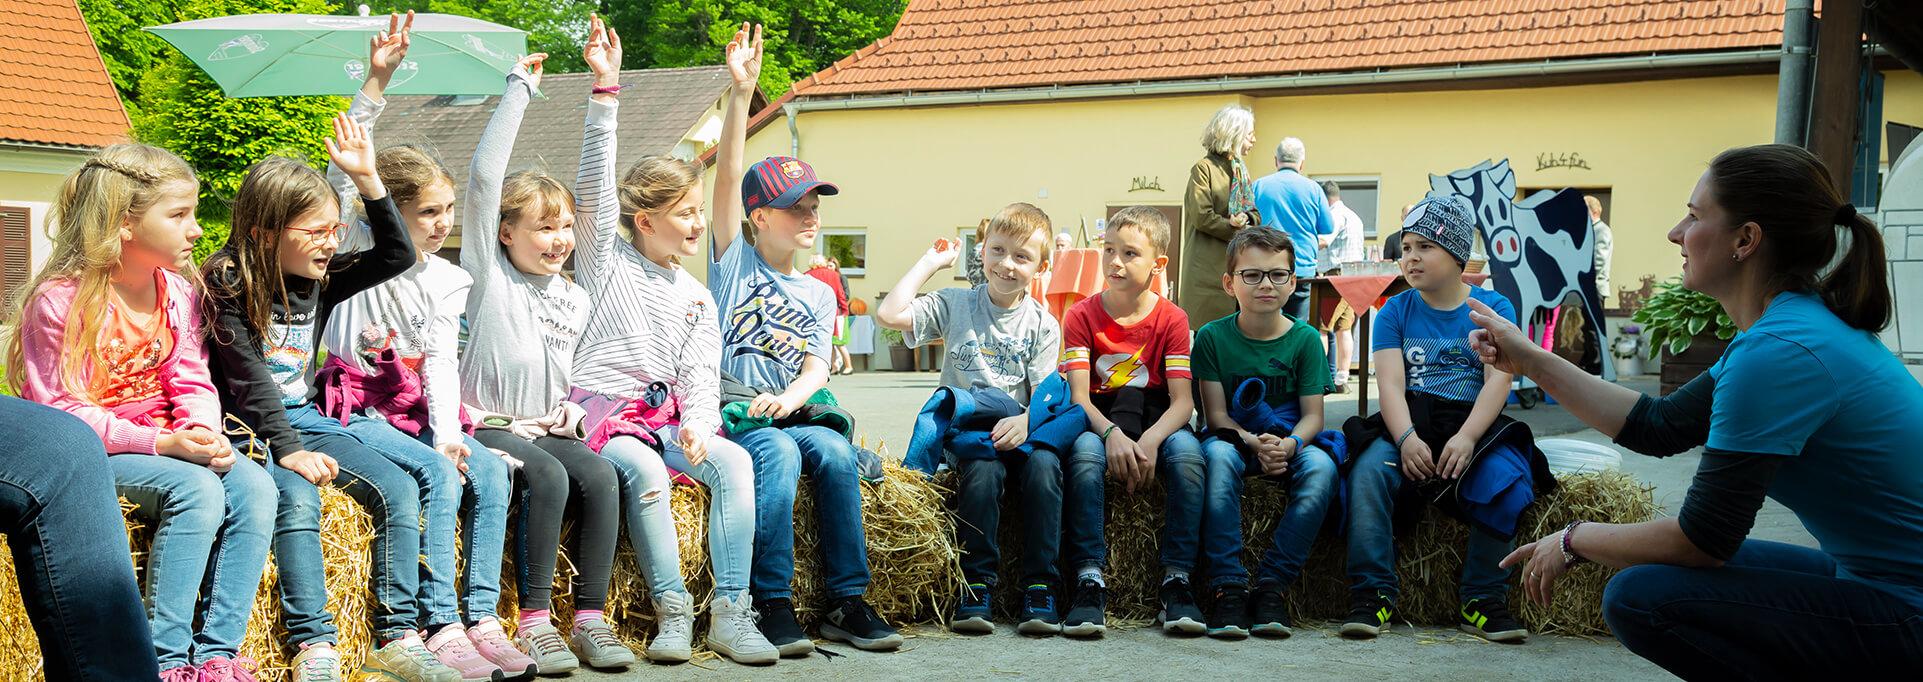 trennerbild-schuleambauernhof